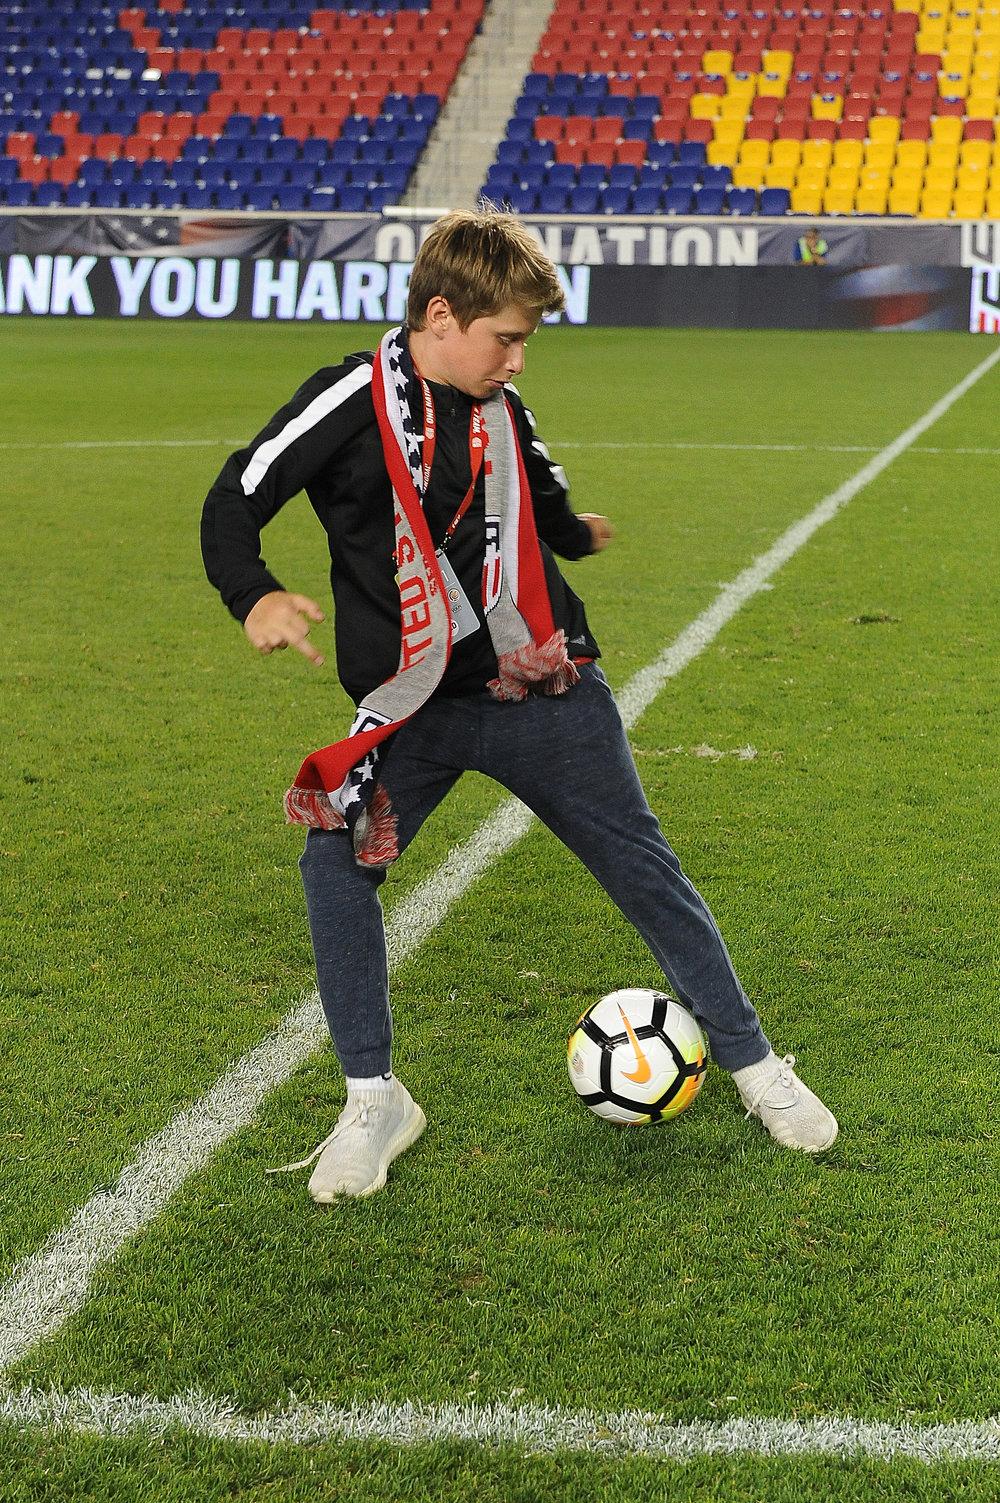 us_soccer_images_042_14.jpg